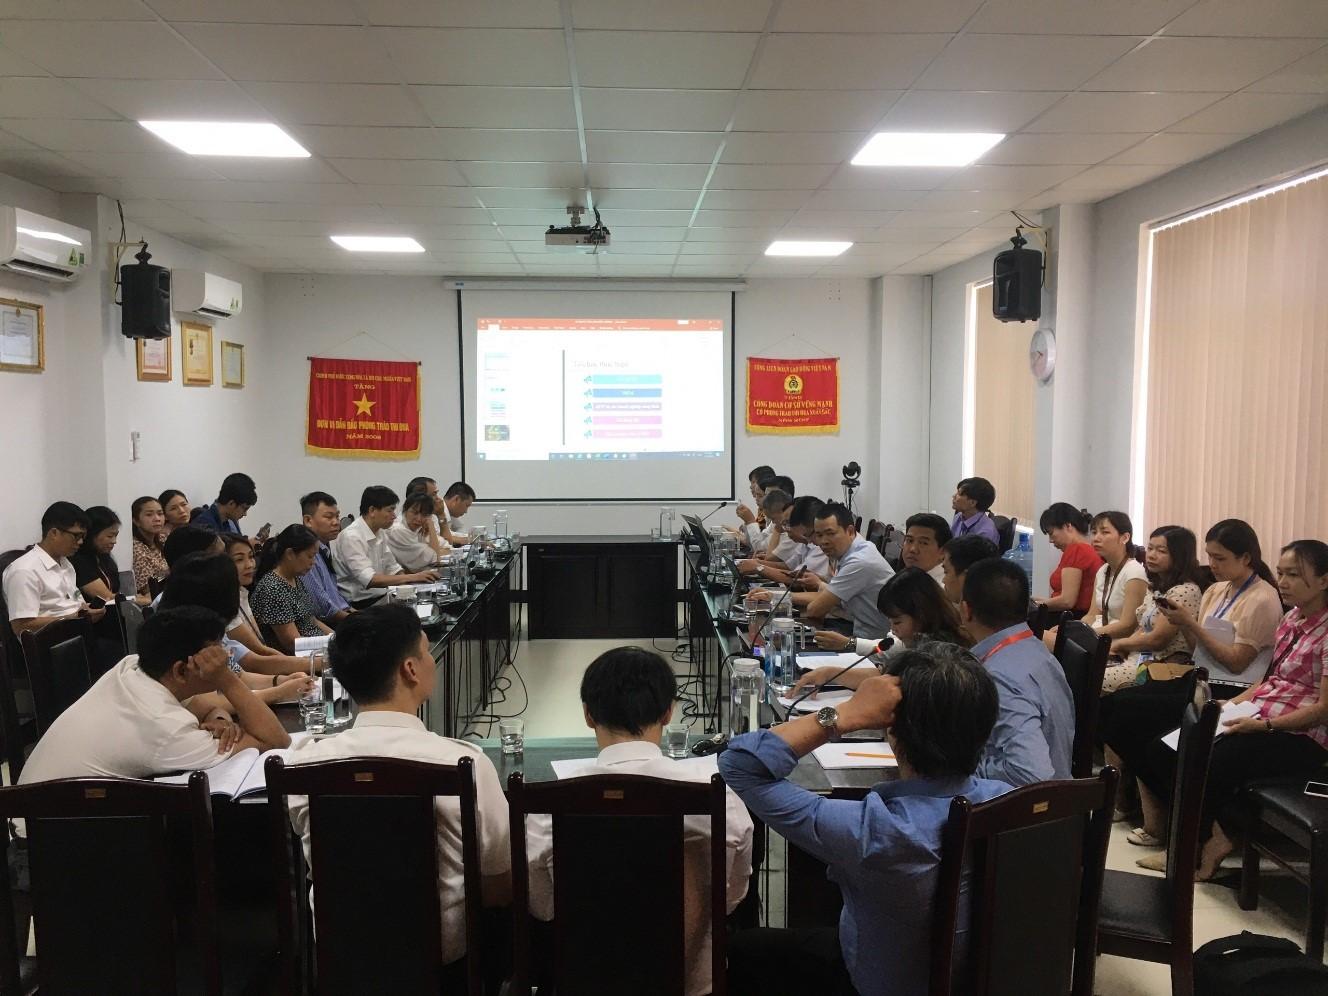 Hội thảo về Quản lý luồng không lưu (ATFM) tại Đà Nẵng